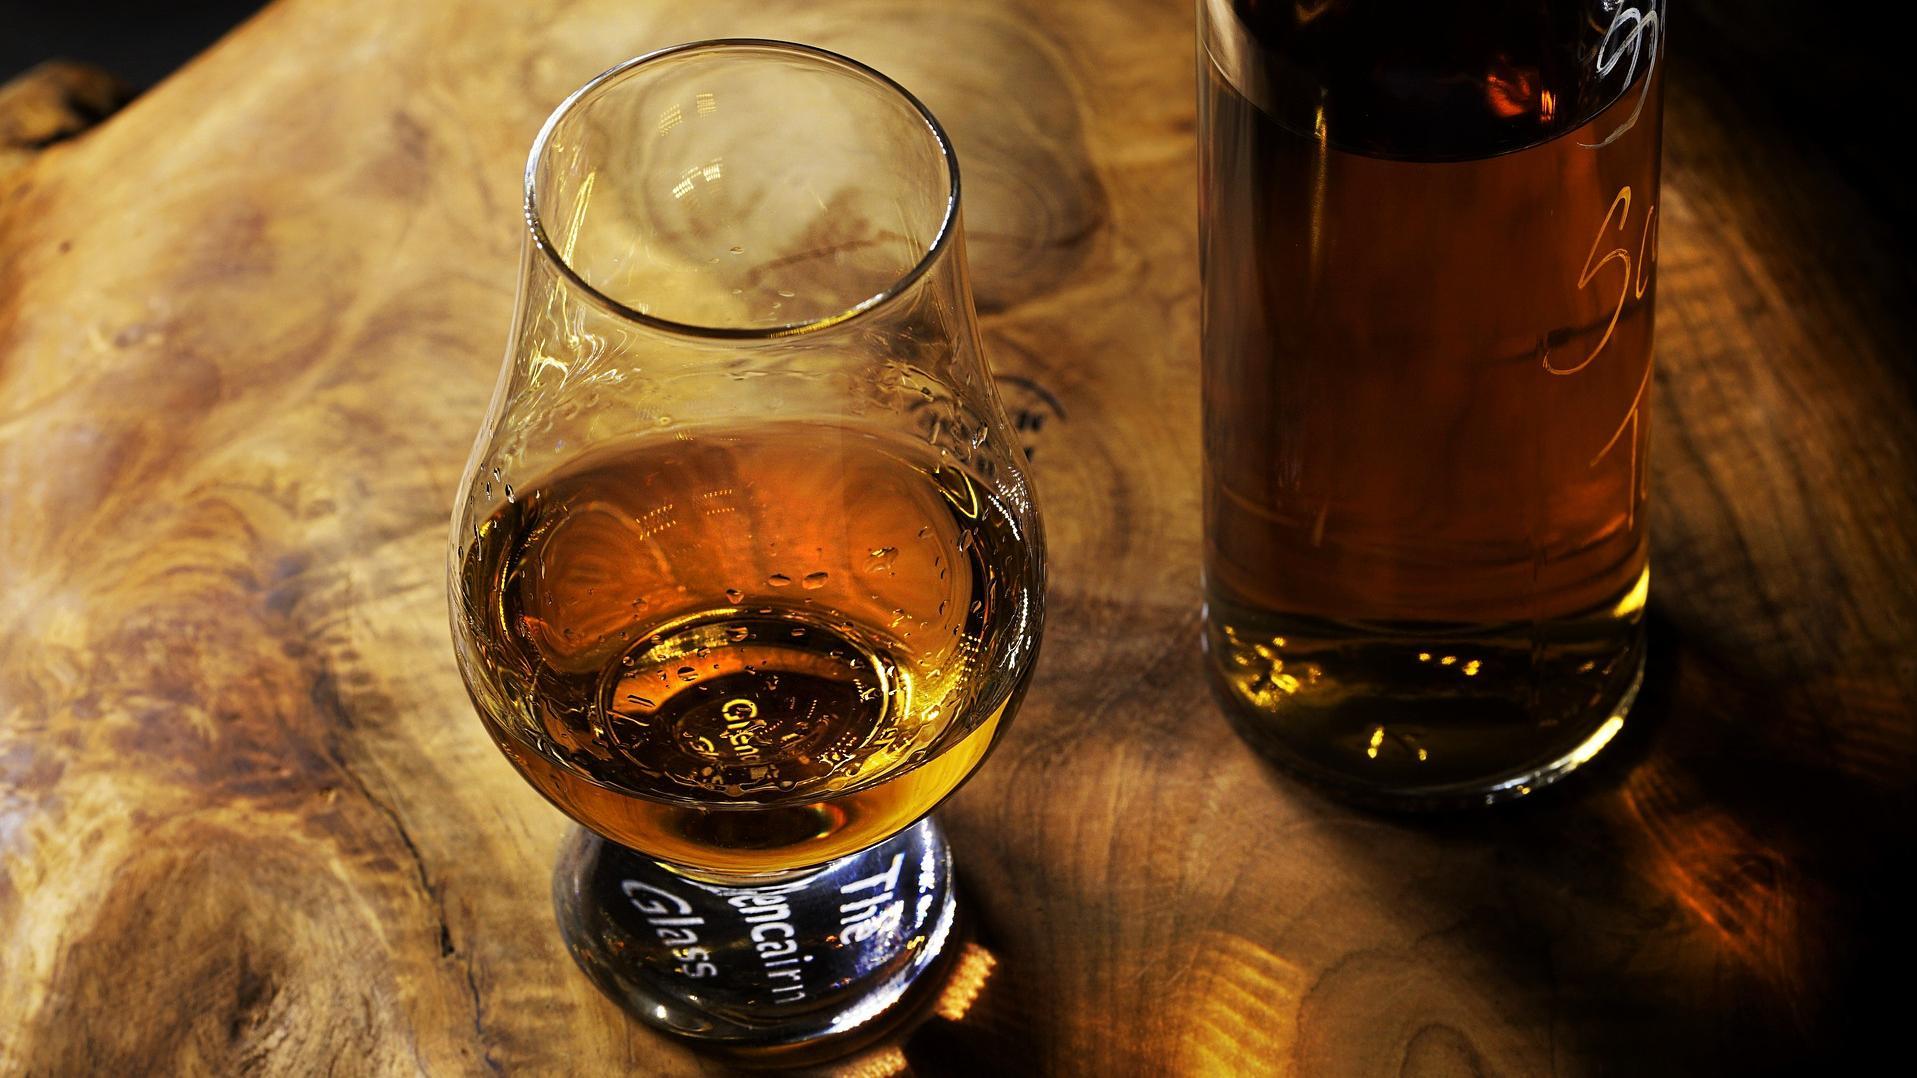 Rum richtig trinken - ob pur oder als Mixgetränk; Sie sollten immer auf die Qualität des Rums achten.